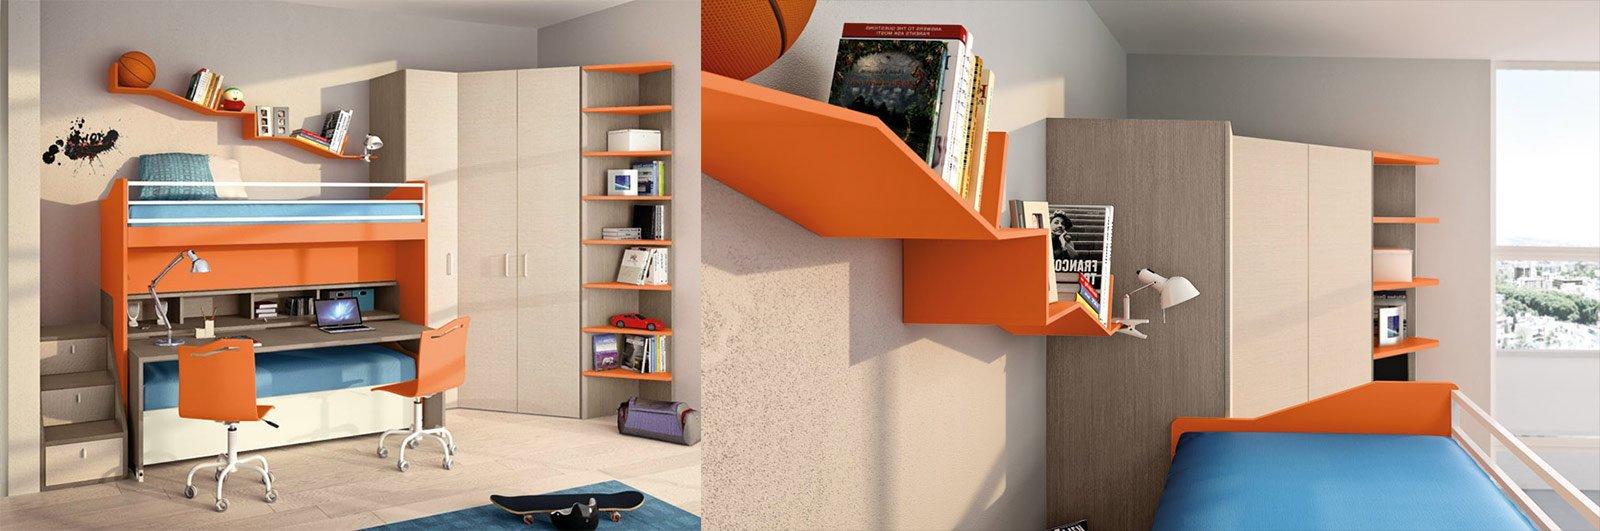 Camerette salvaspazio cose di casa for 3 piani casa casa camera da letto